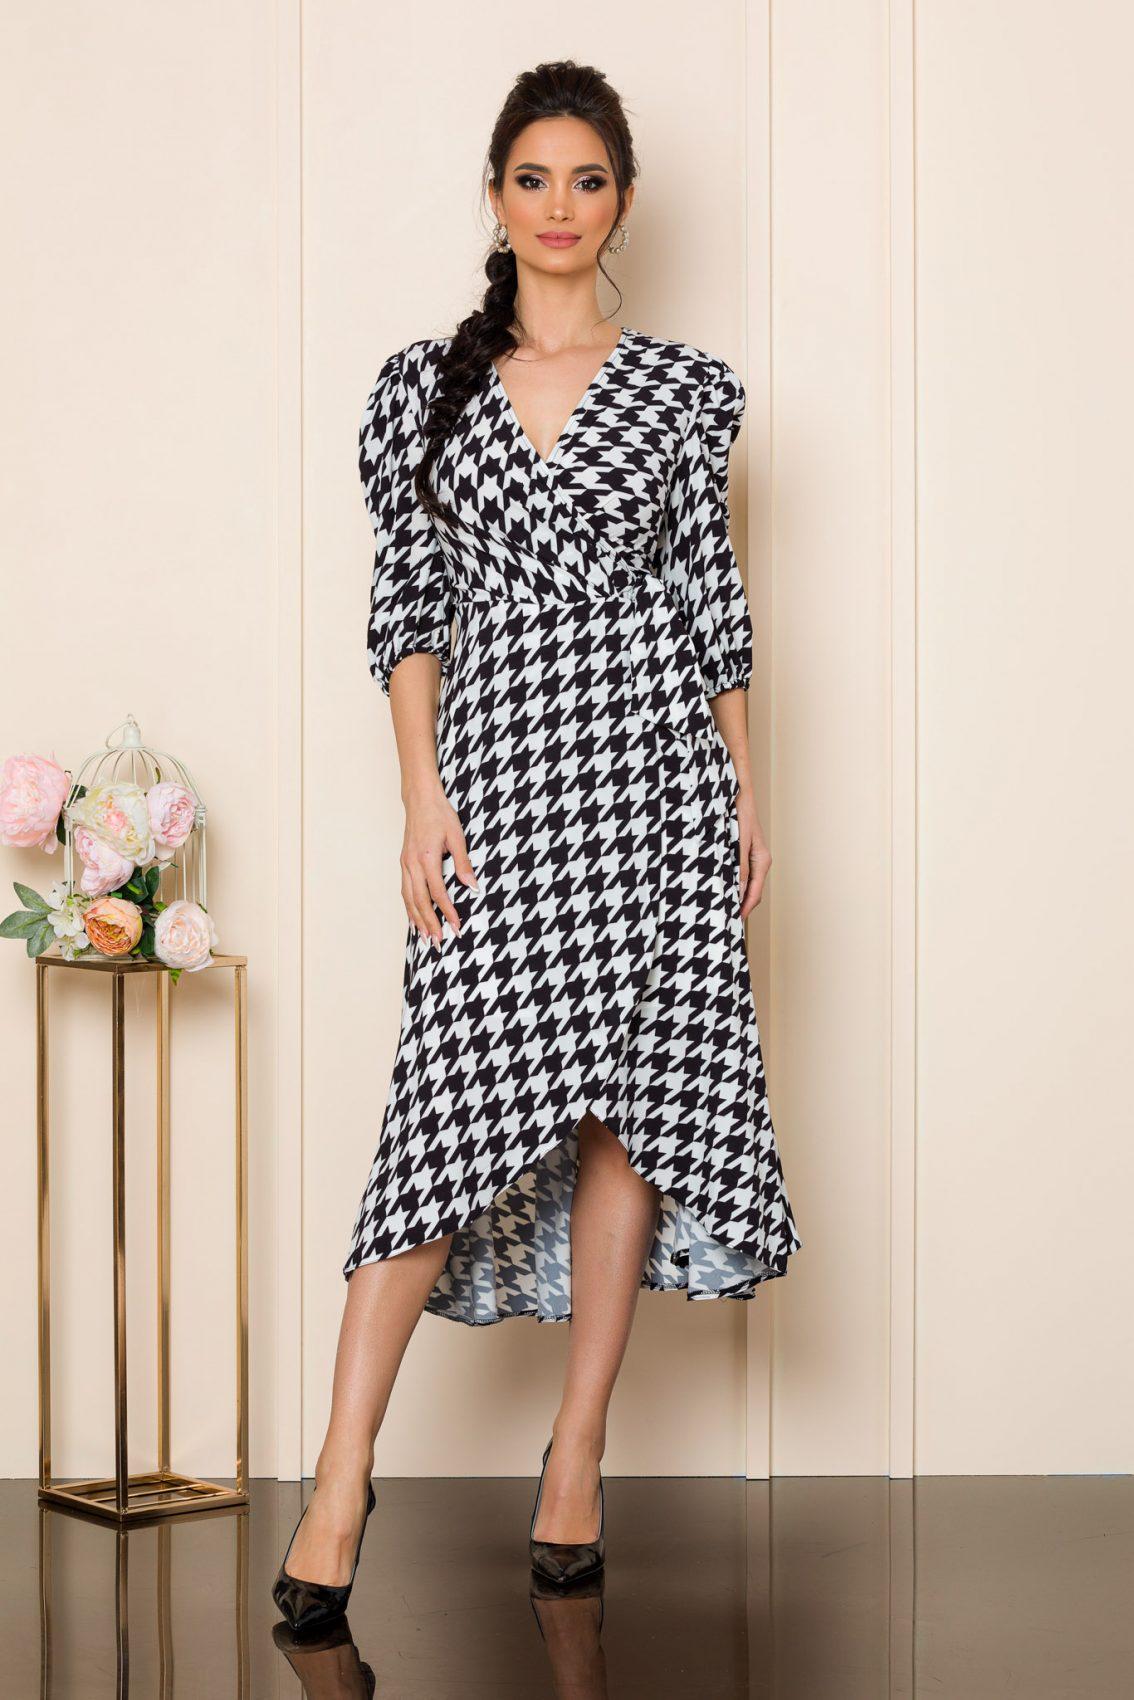 Ασπρόμαυρο Μίντι Φόρεμα Με Βολάν Loreen 9828 1